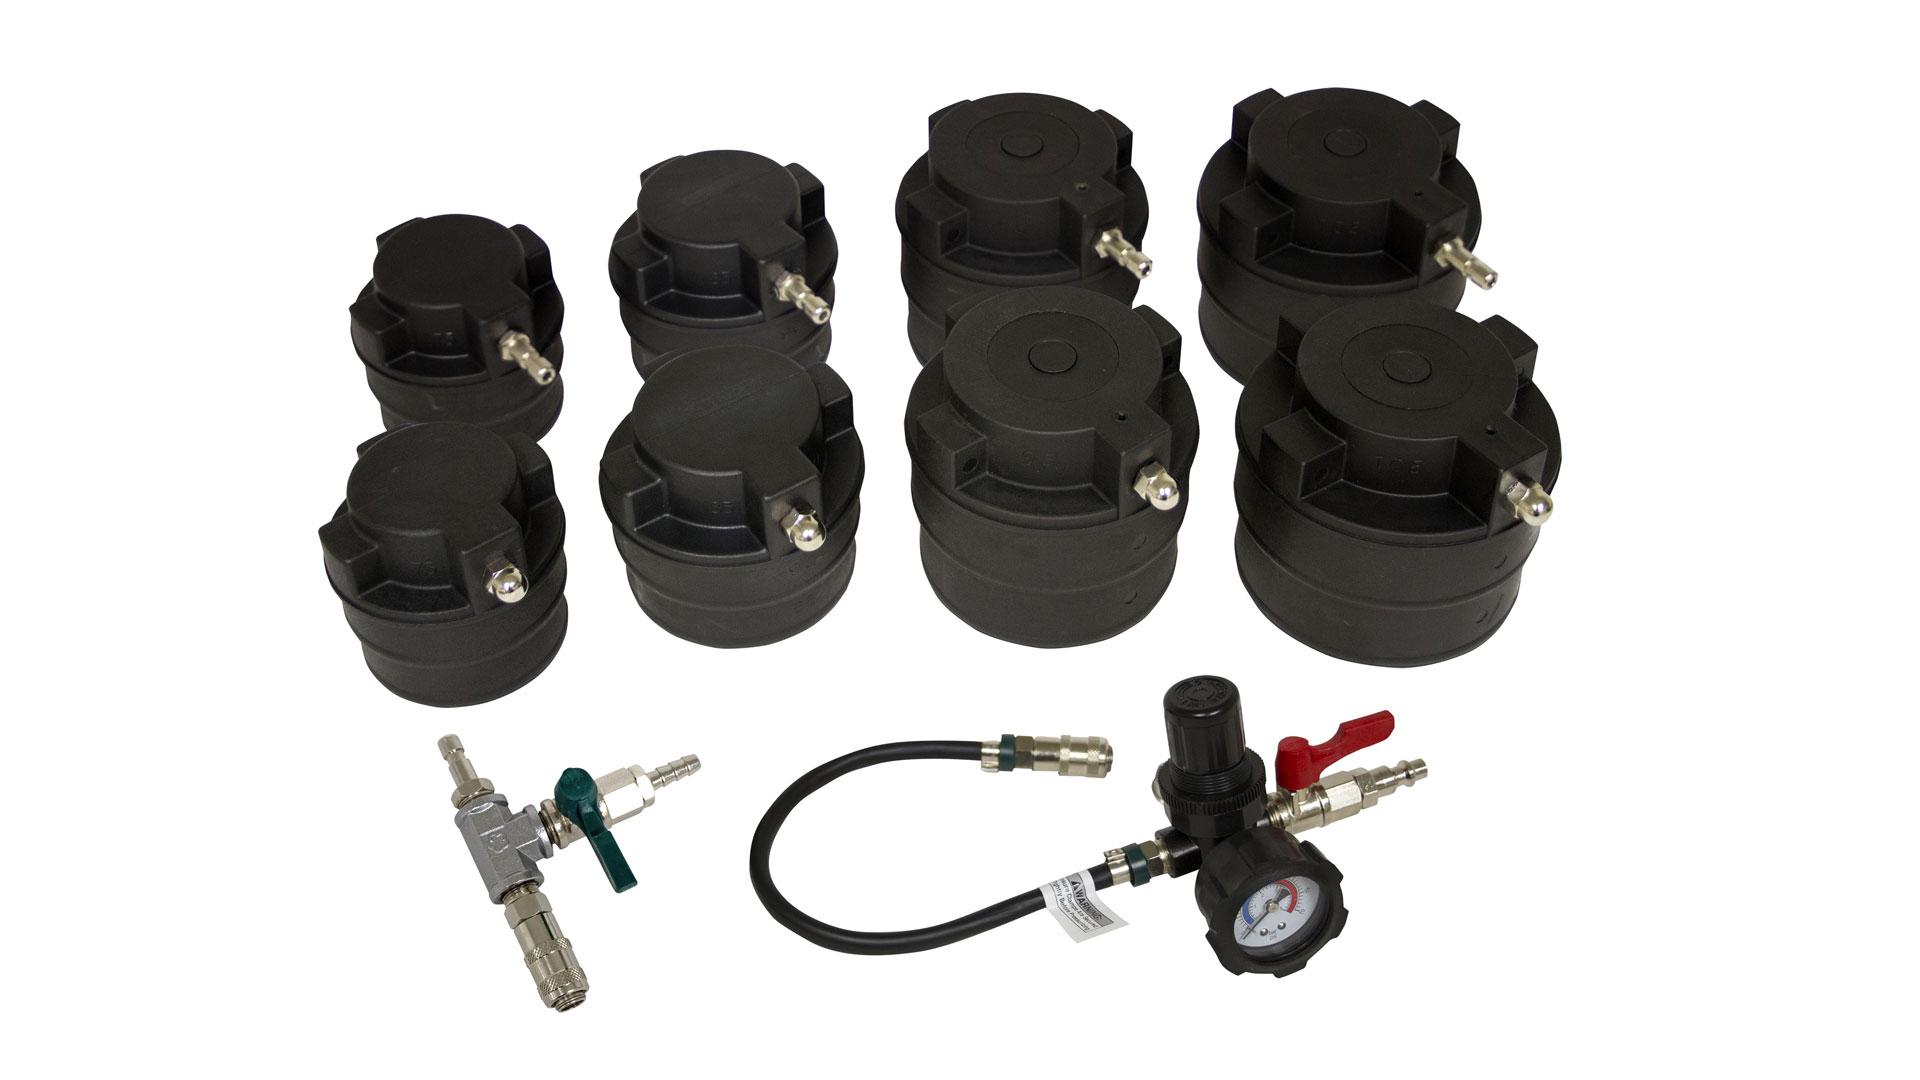 lisle 69930 hd turbo test kit with smoke adapter